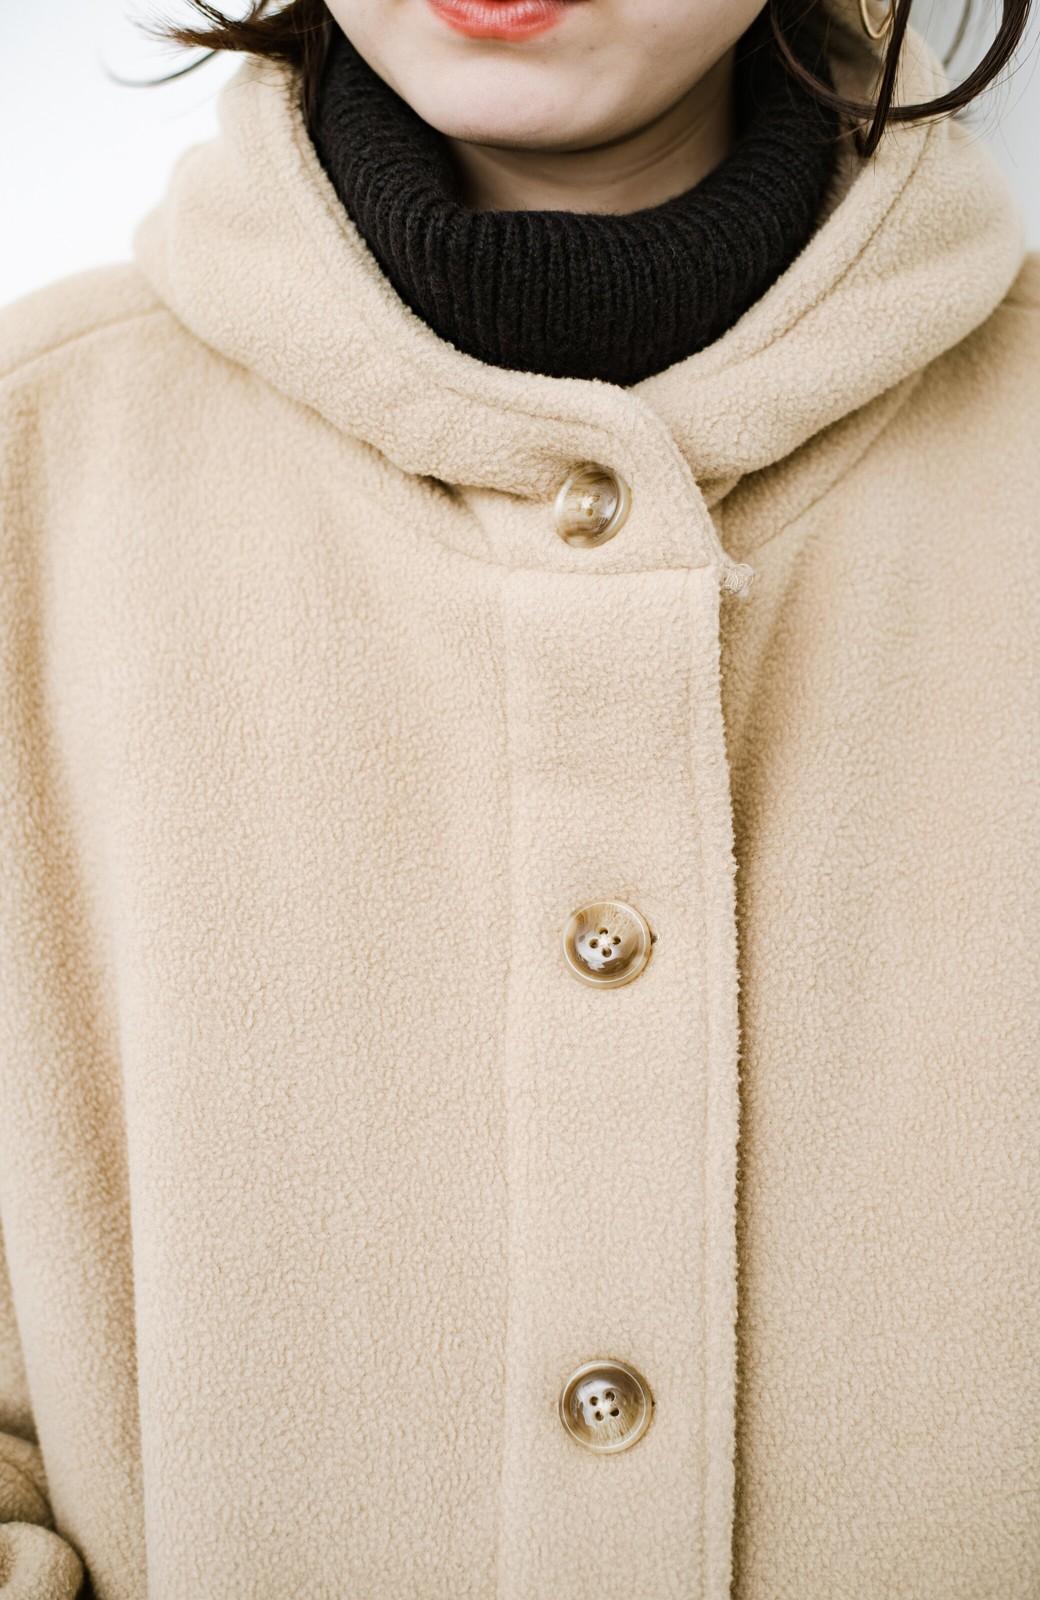 haco! さっと羽織って今っぽい ゆるっとサイズがかわいい裏起毛のあったかジャケットby Z of zampa Organic <ライトベージュ>の商品写真8